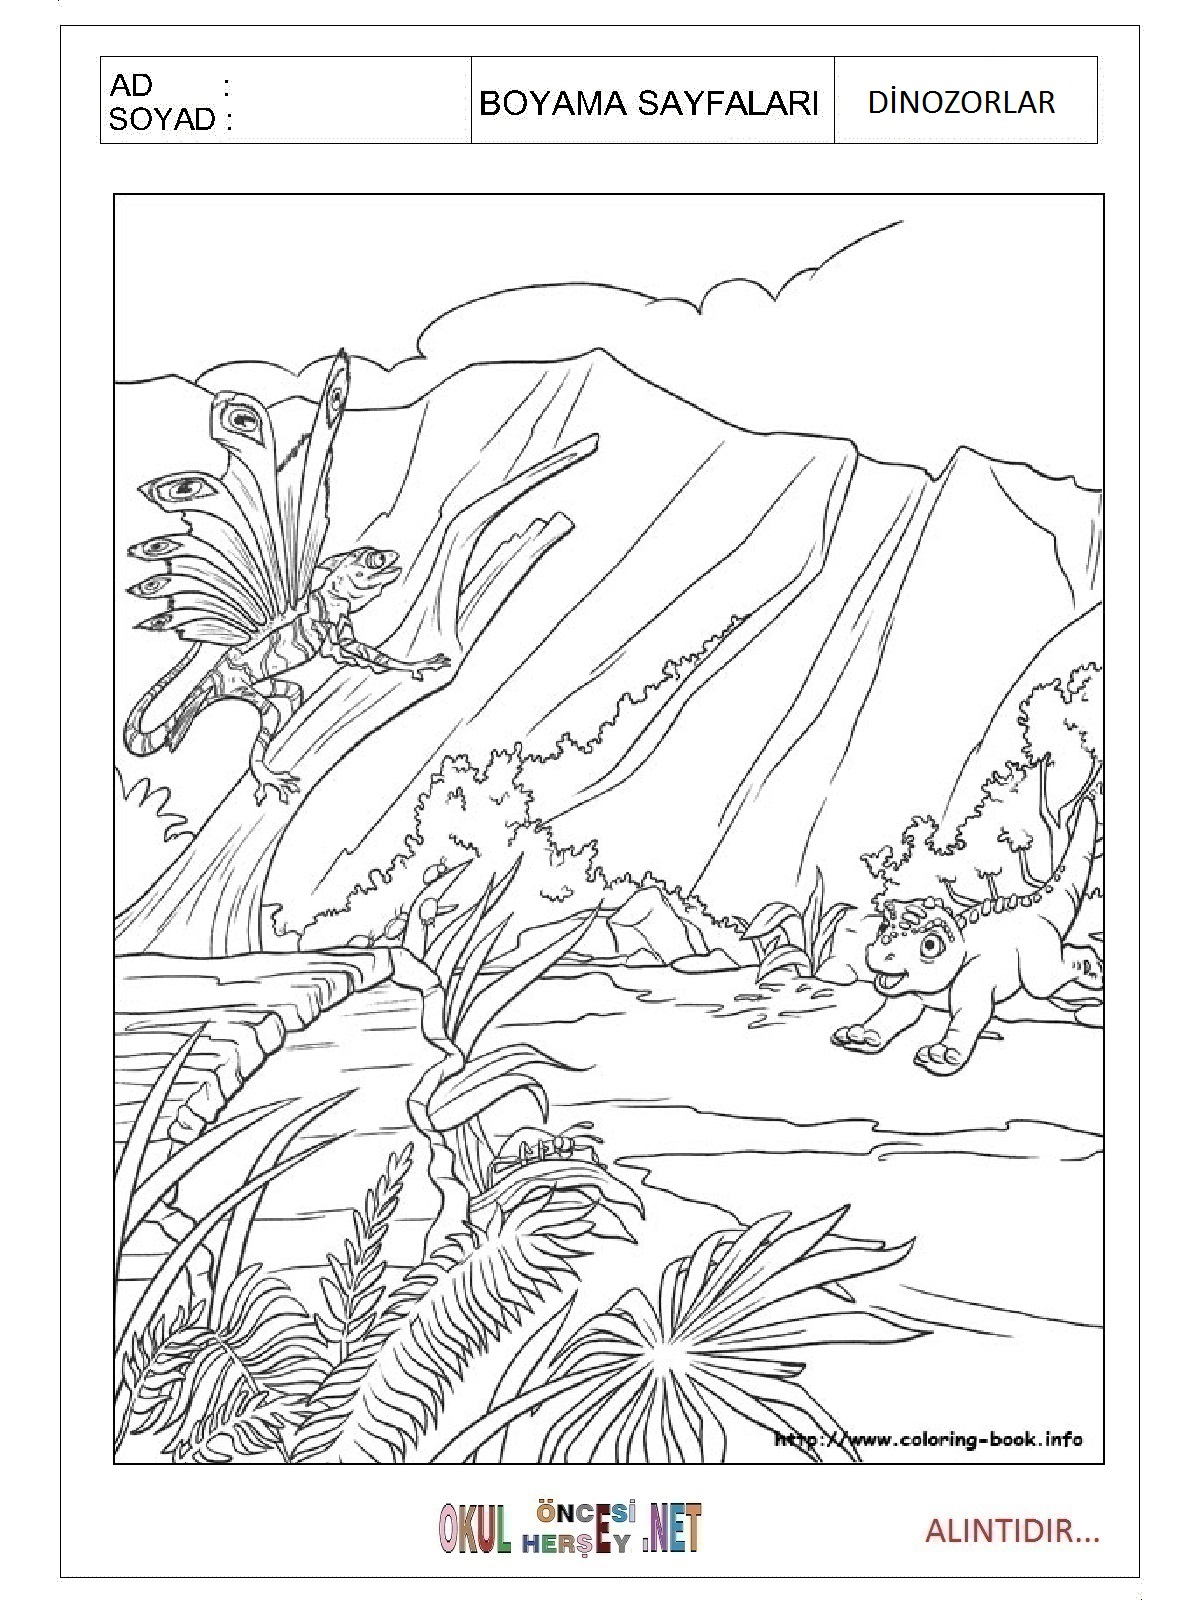 Boyama sayfası dinozorlar boyama sayfası dinozorlar boyama